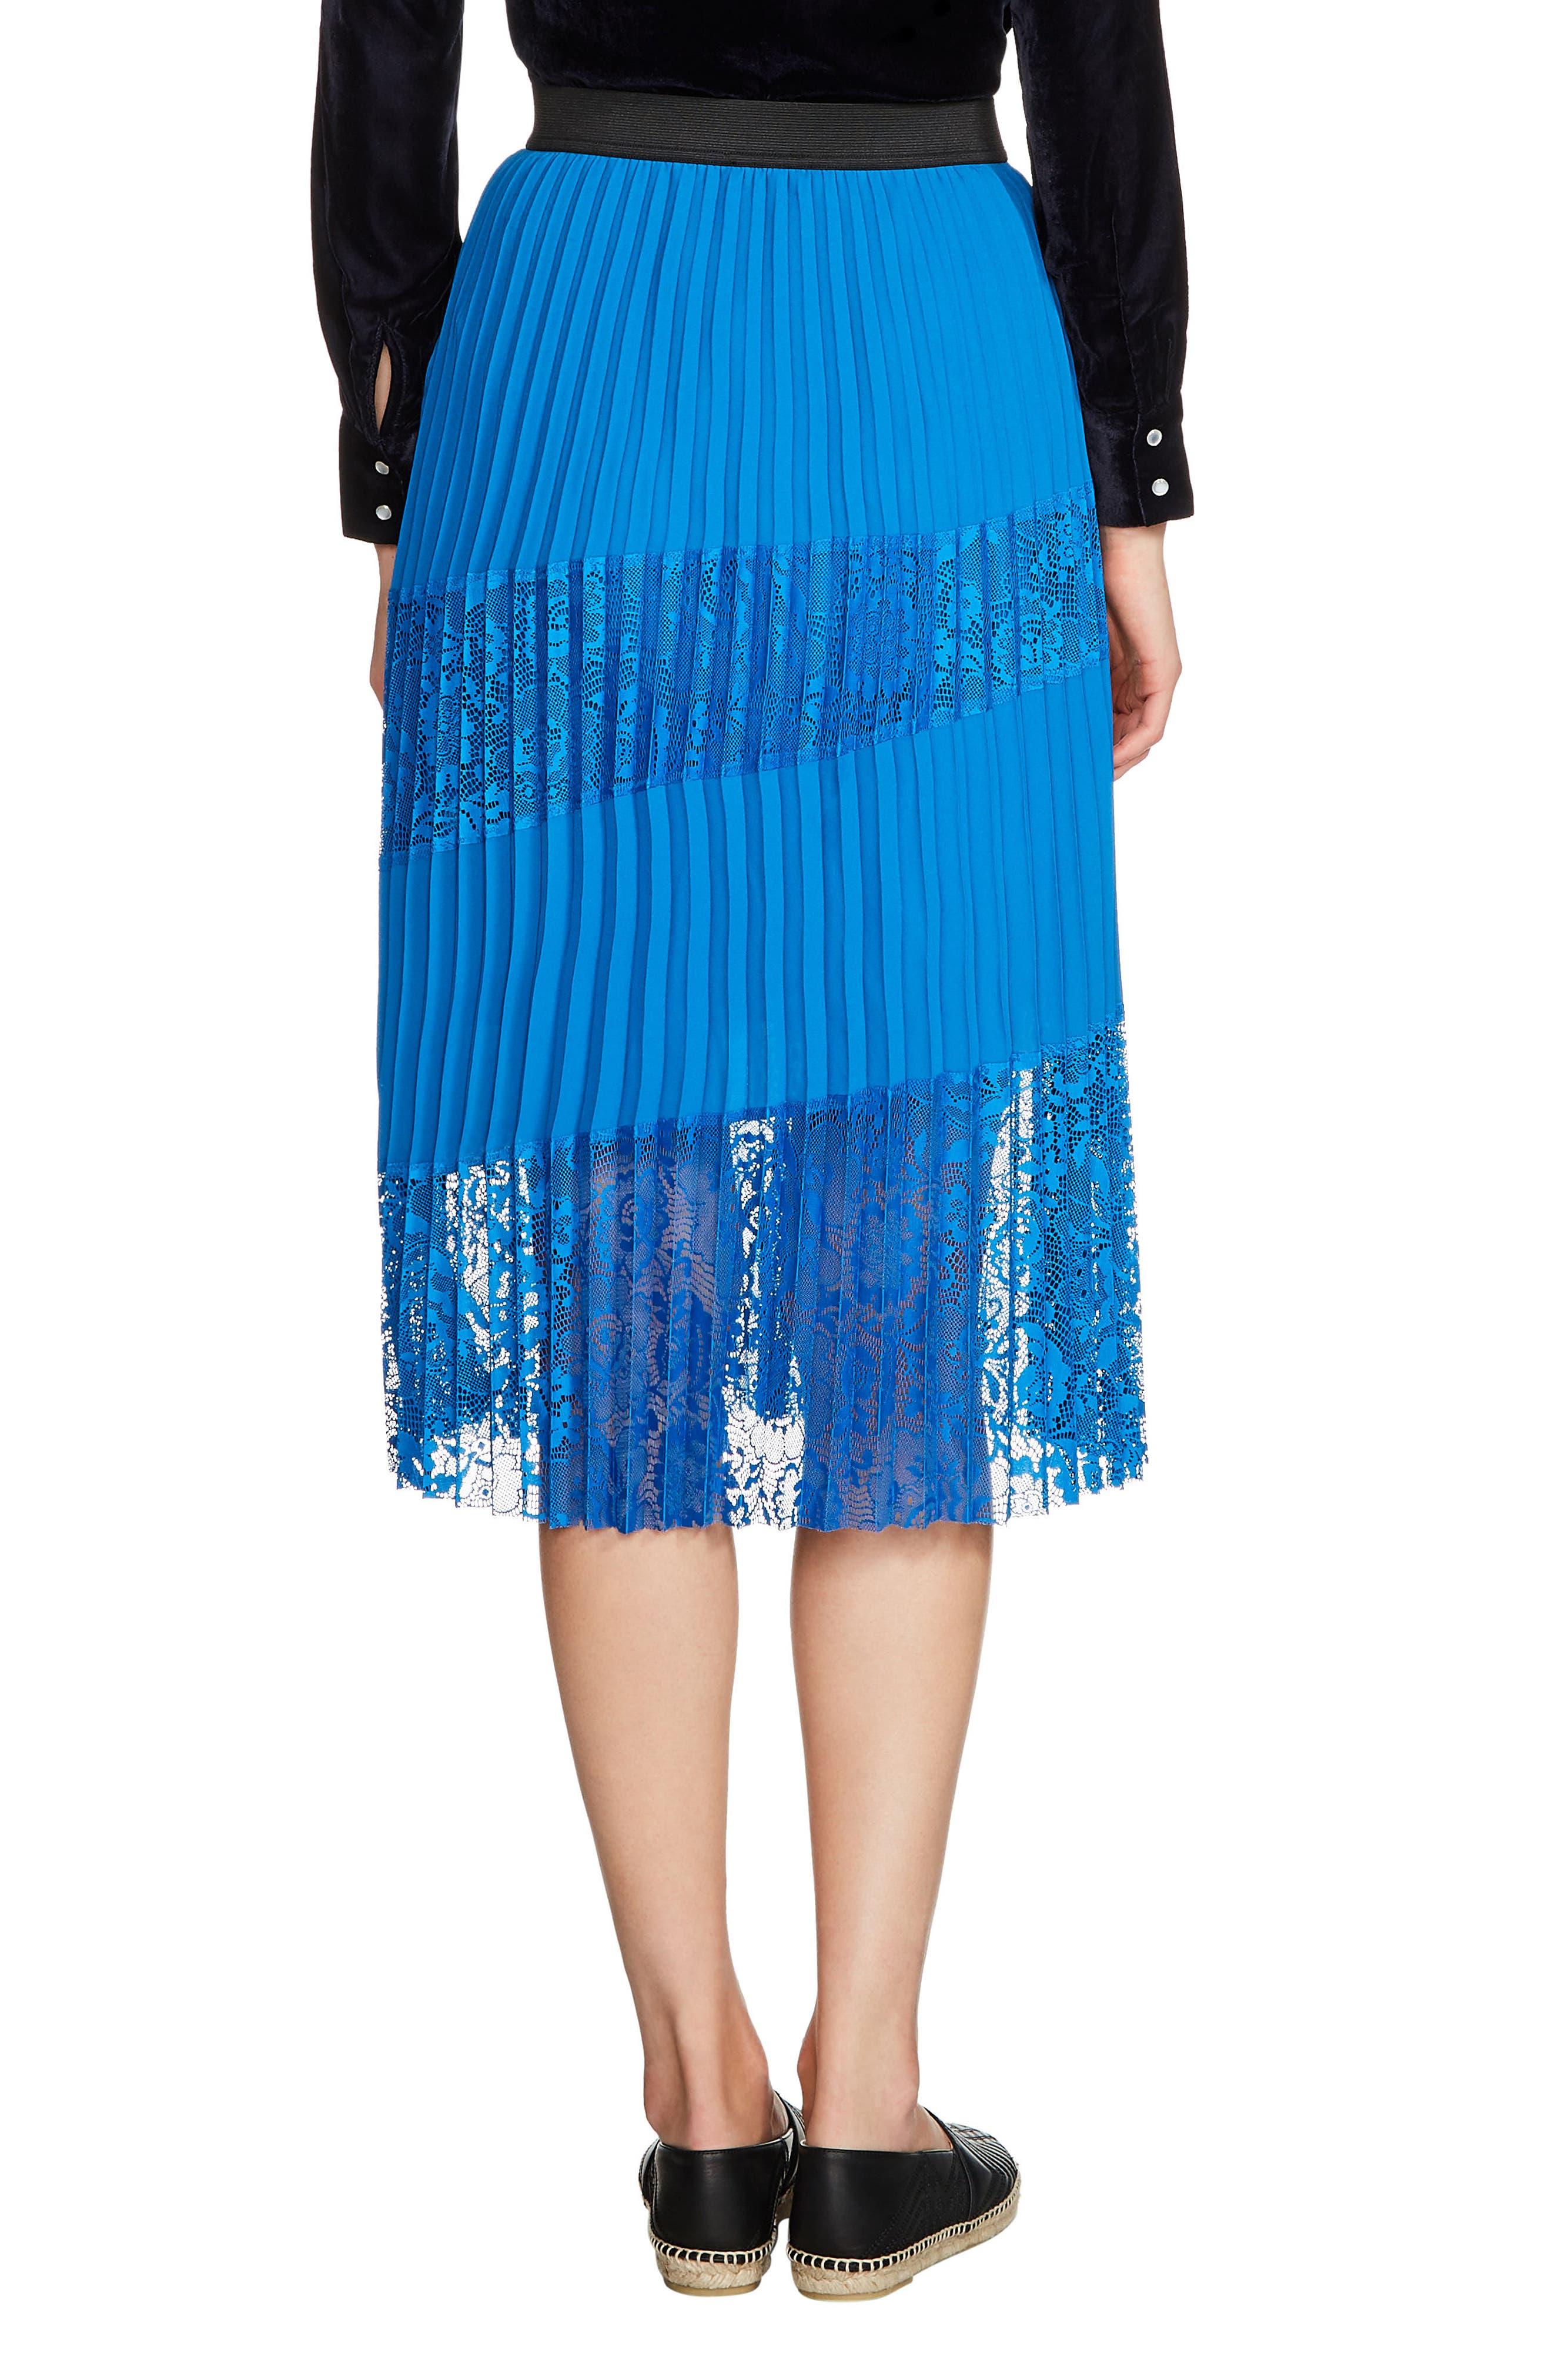 Jarane Lace Inset Pleated Midi Skirt,                             Alternate thumbnail 2, color,                             Bleu